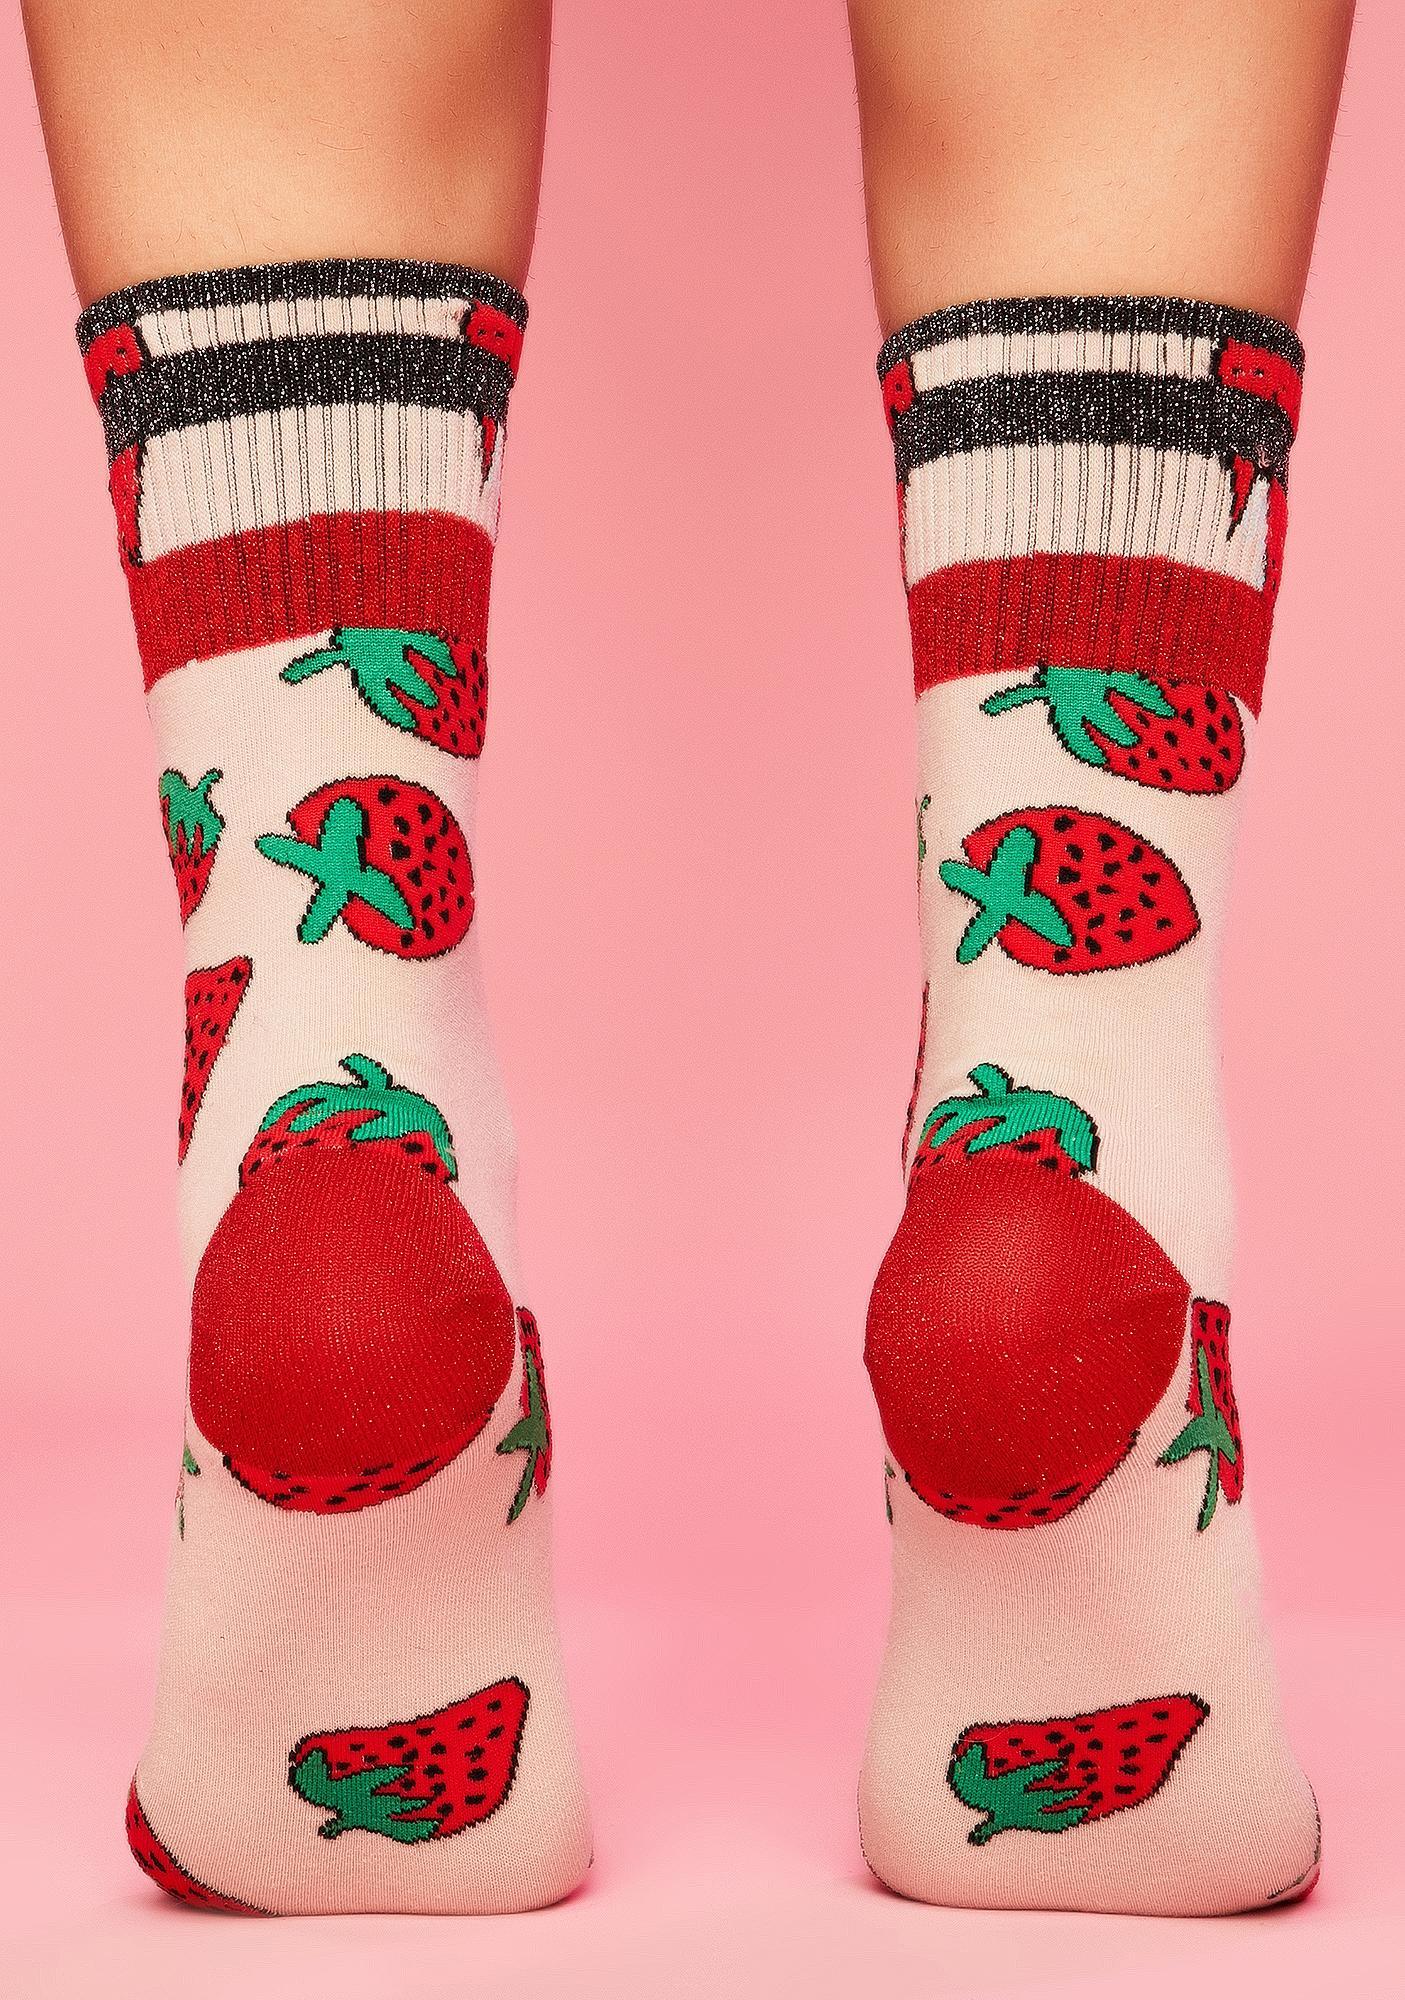 Strawberry Fields Crew Socks